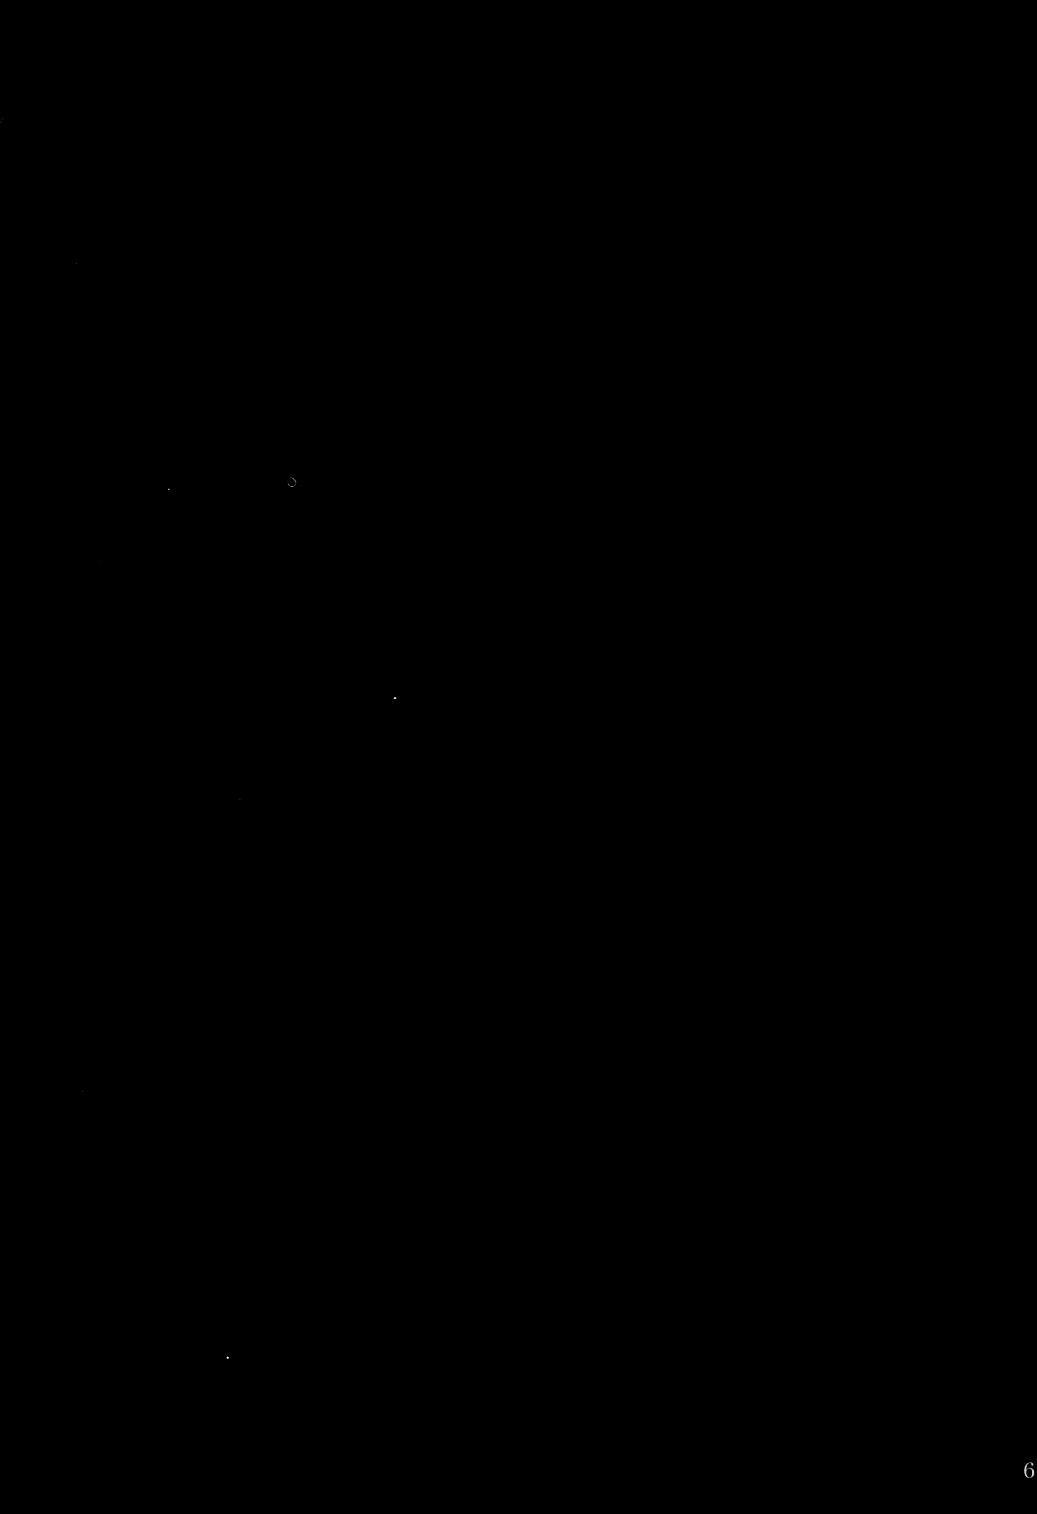 hisoka 64